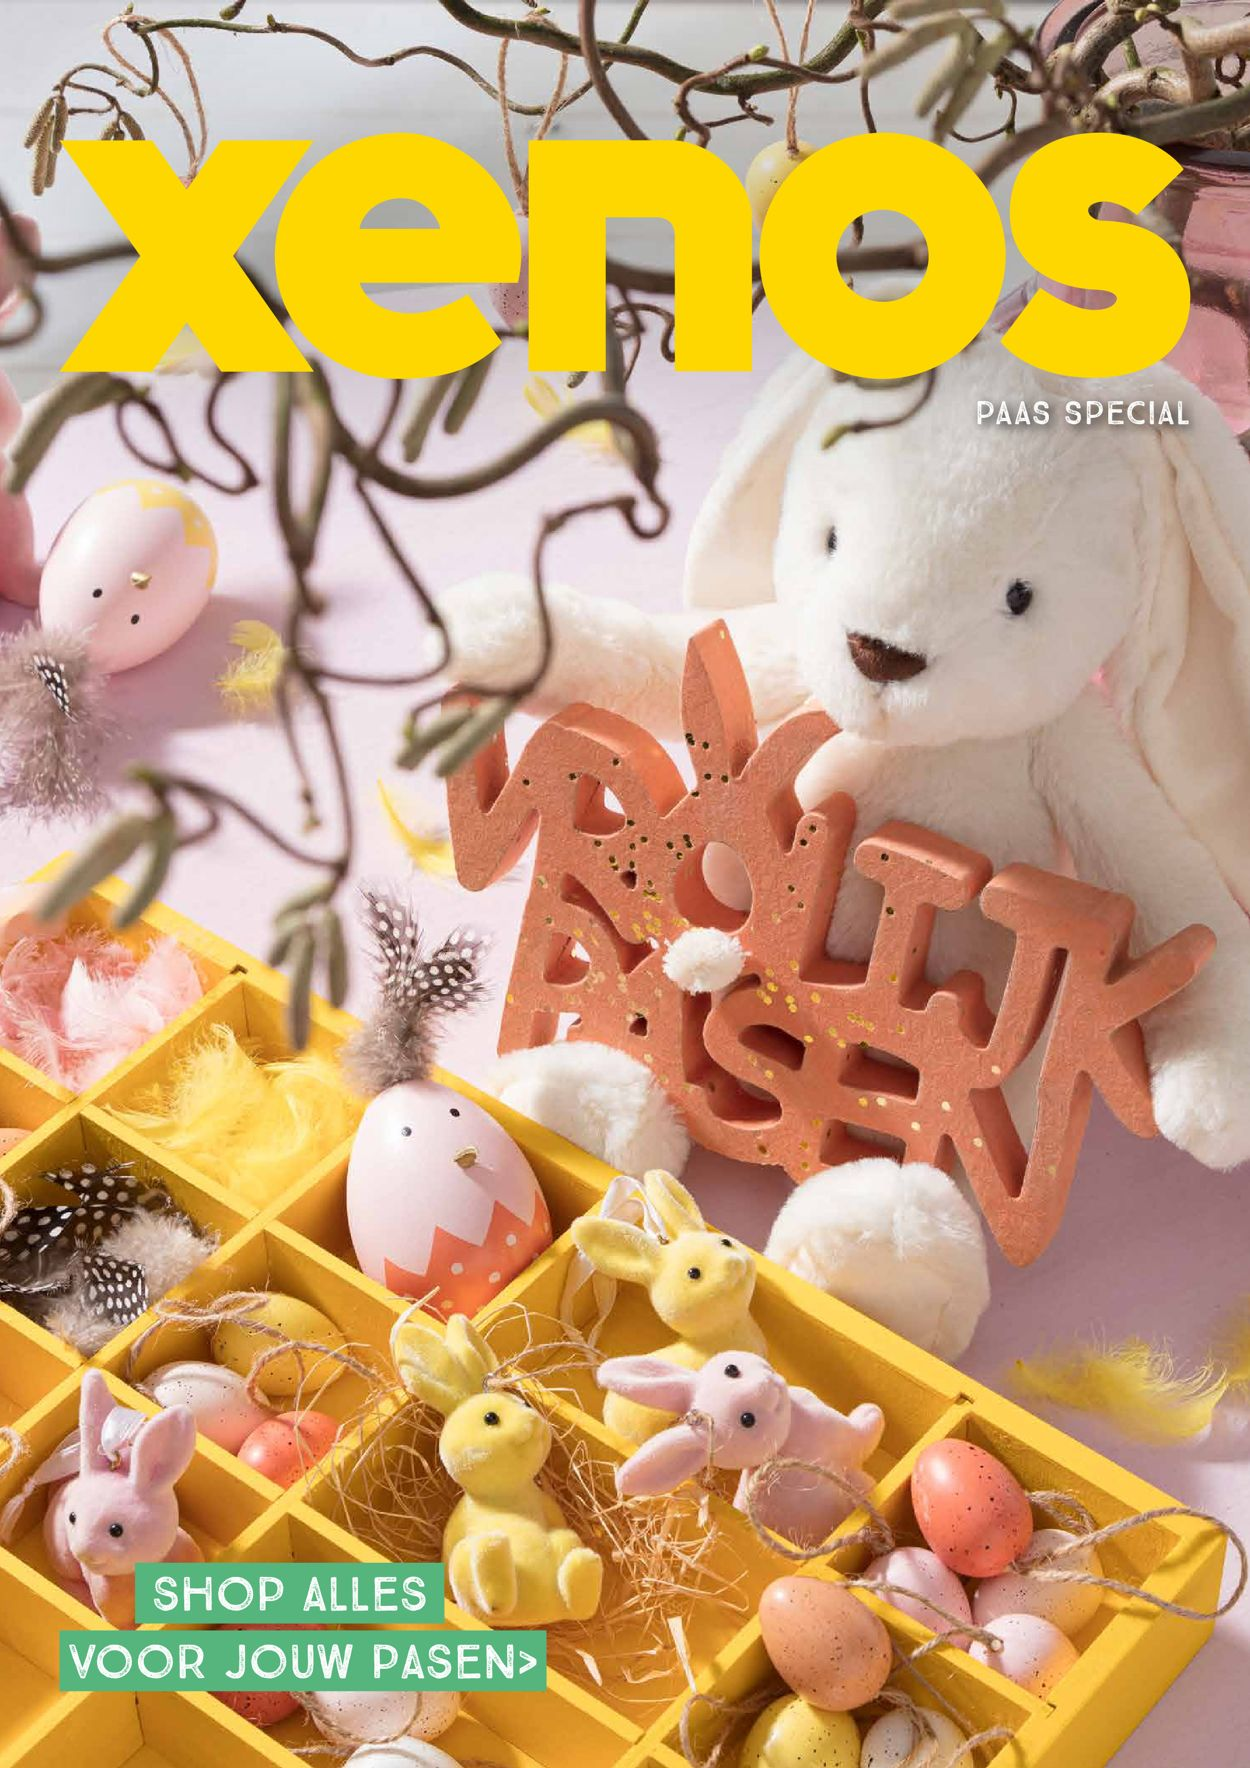 Xenos Paas special Folder - 01.03-21.03.2021